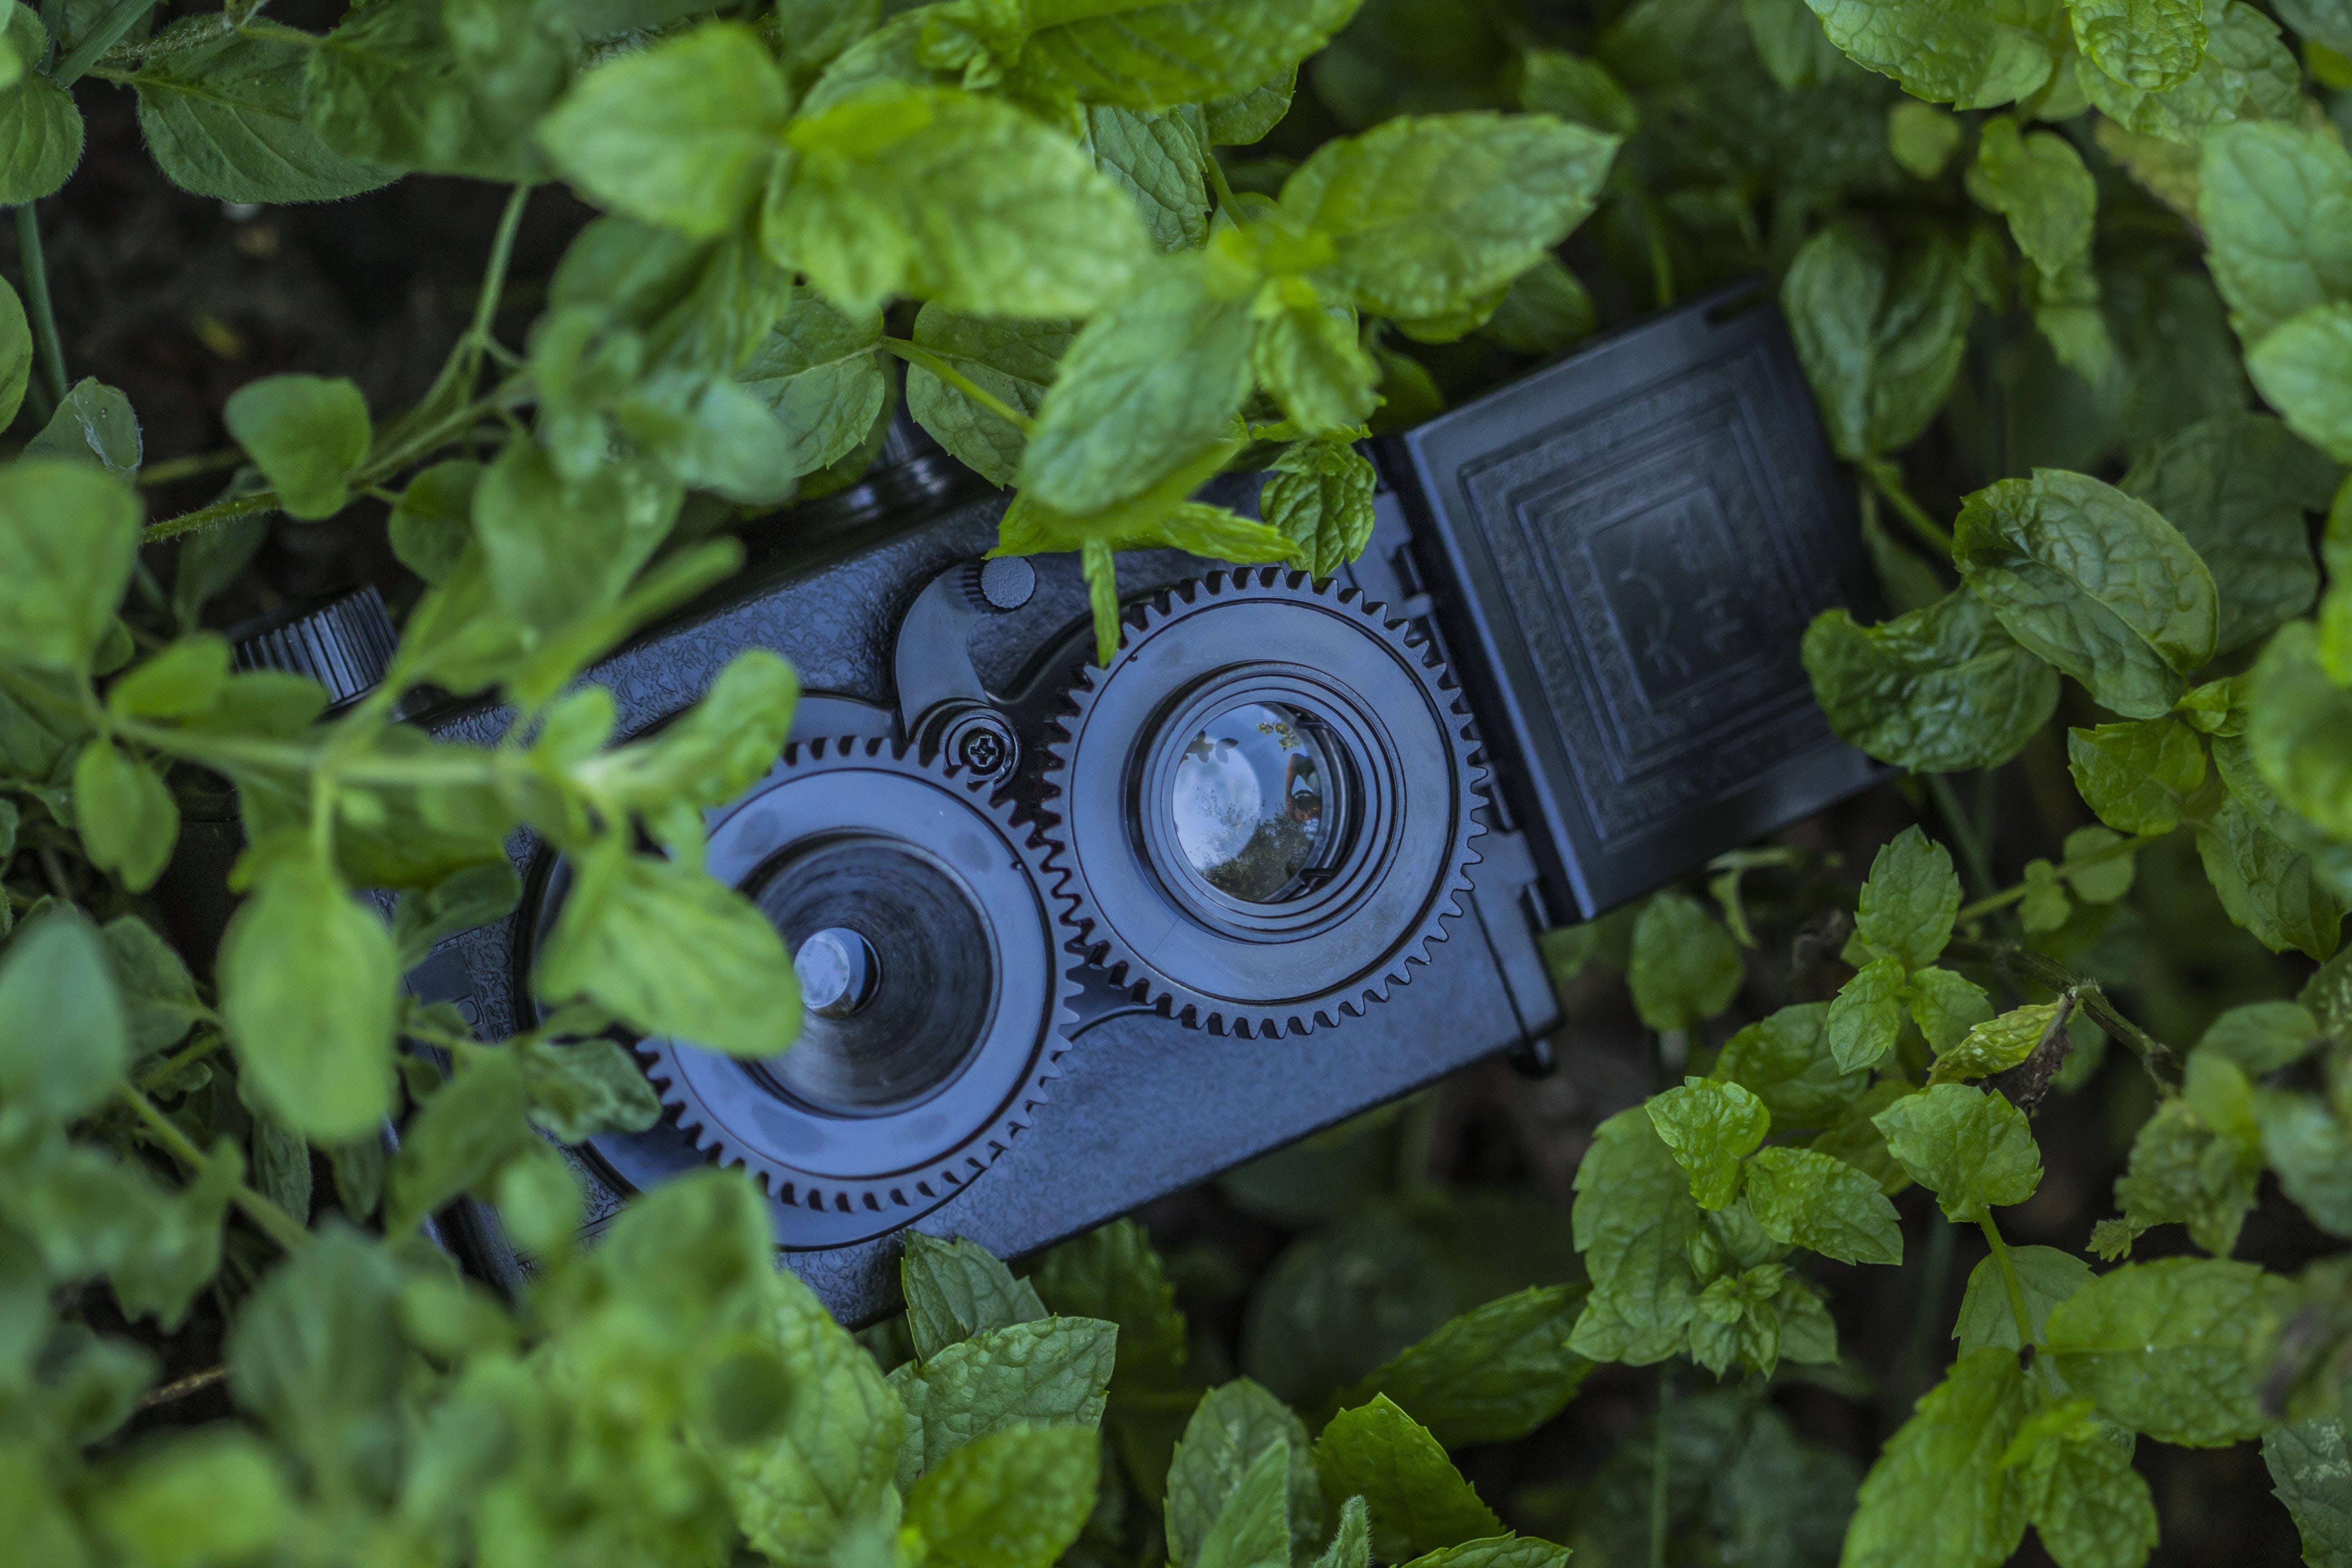 Kostenloses Stock Foto zu kamera, nahansicht, pflanze, vintage